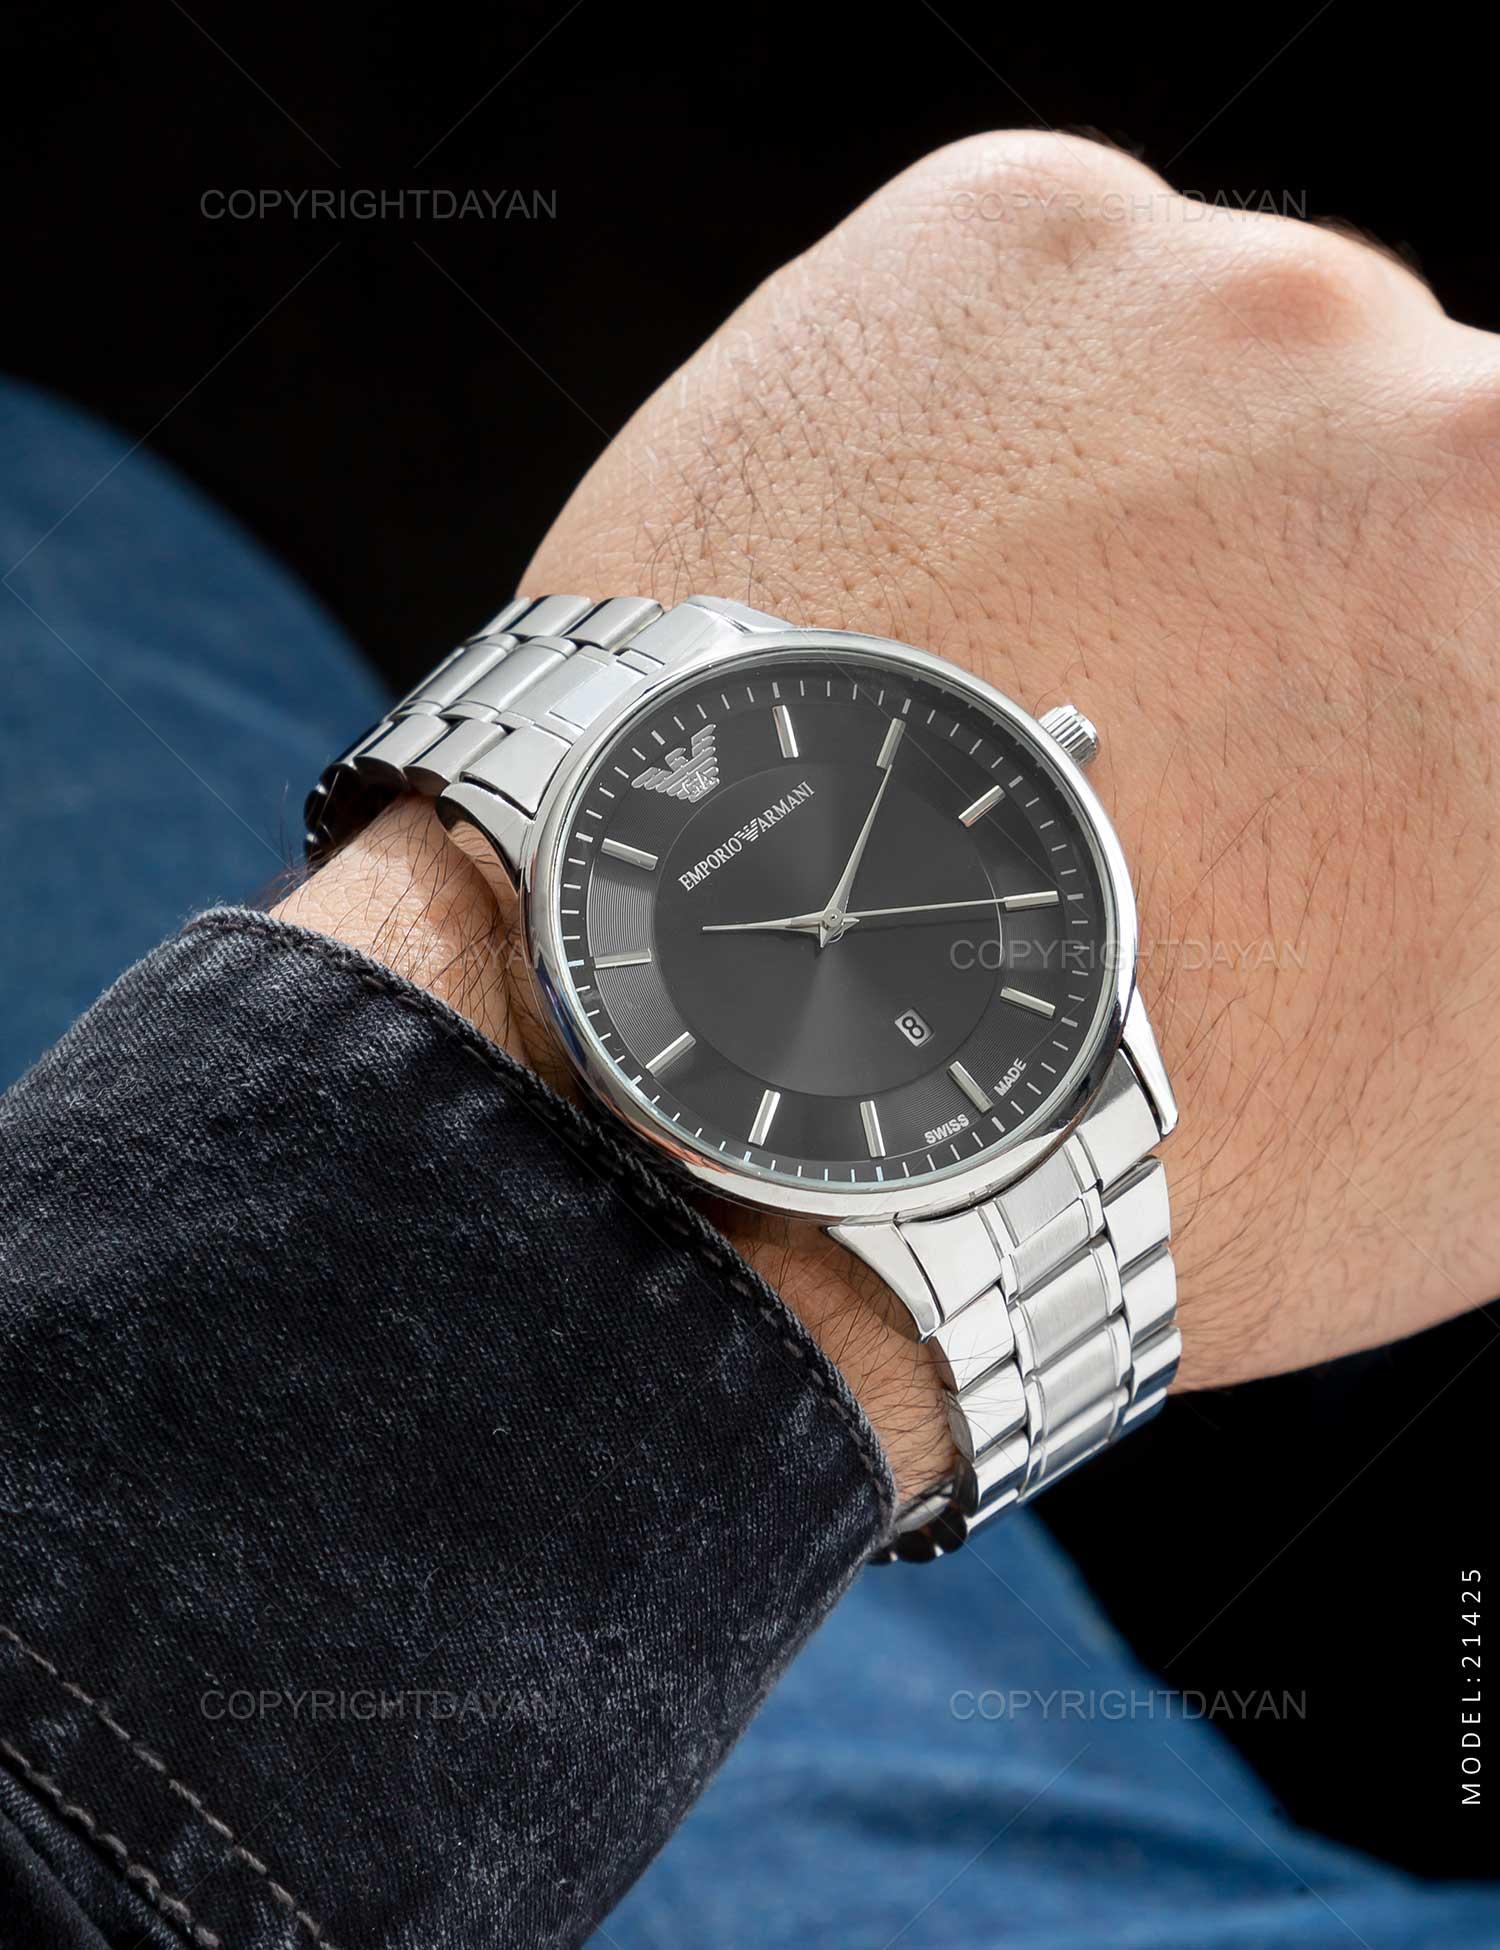 ساعت مچی مردانه Emporio Armani مدل 21425